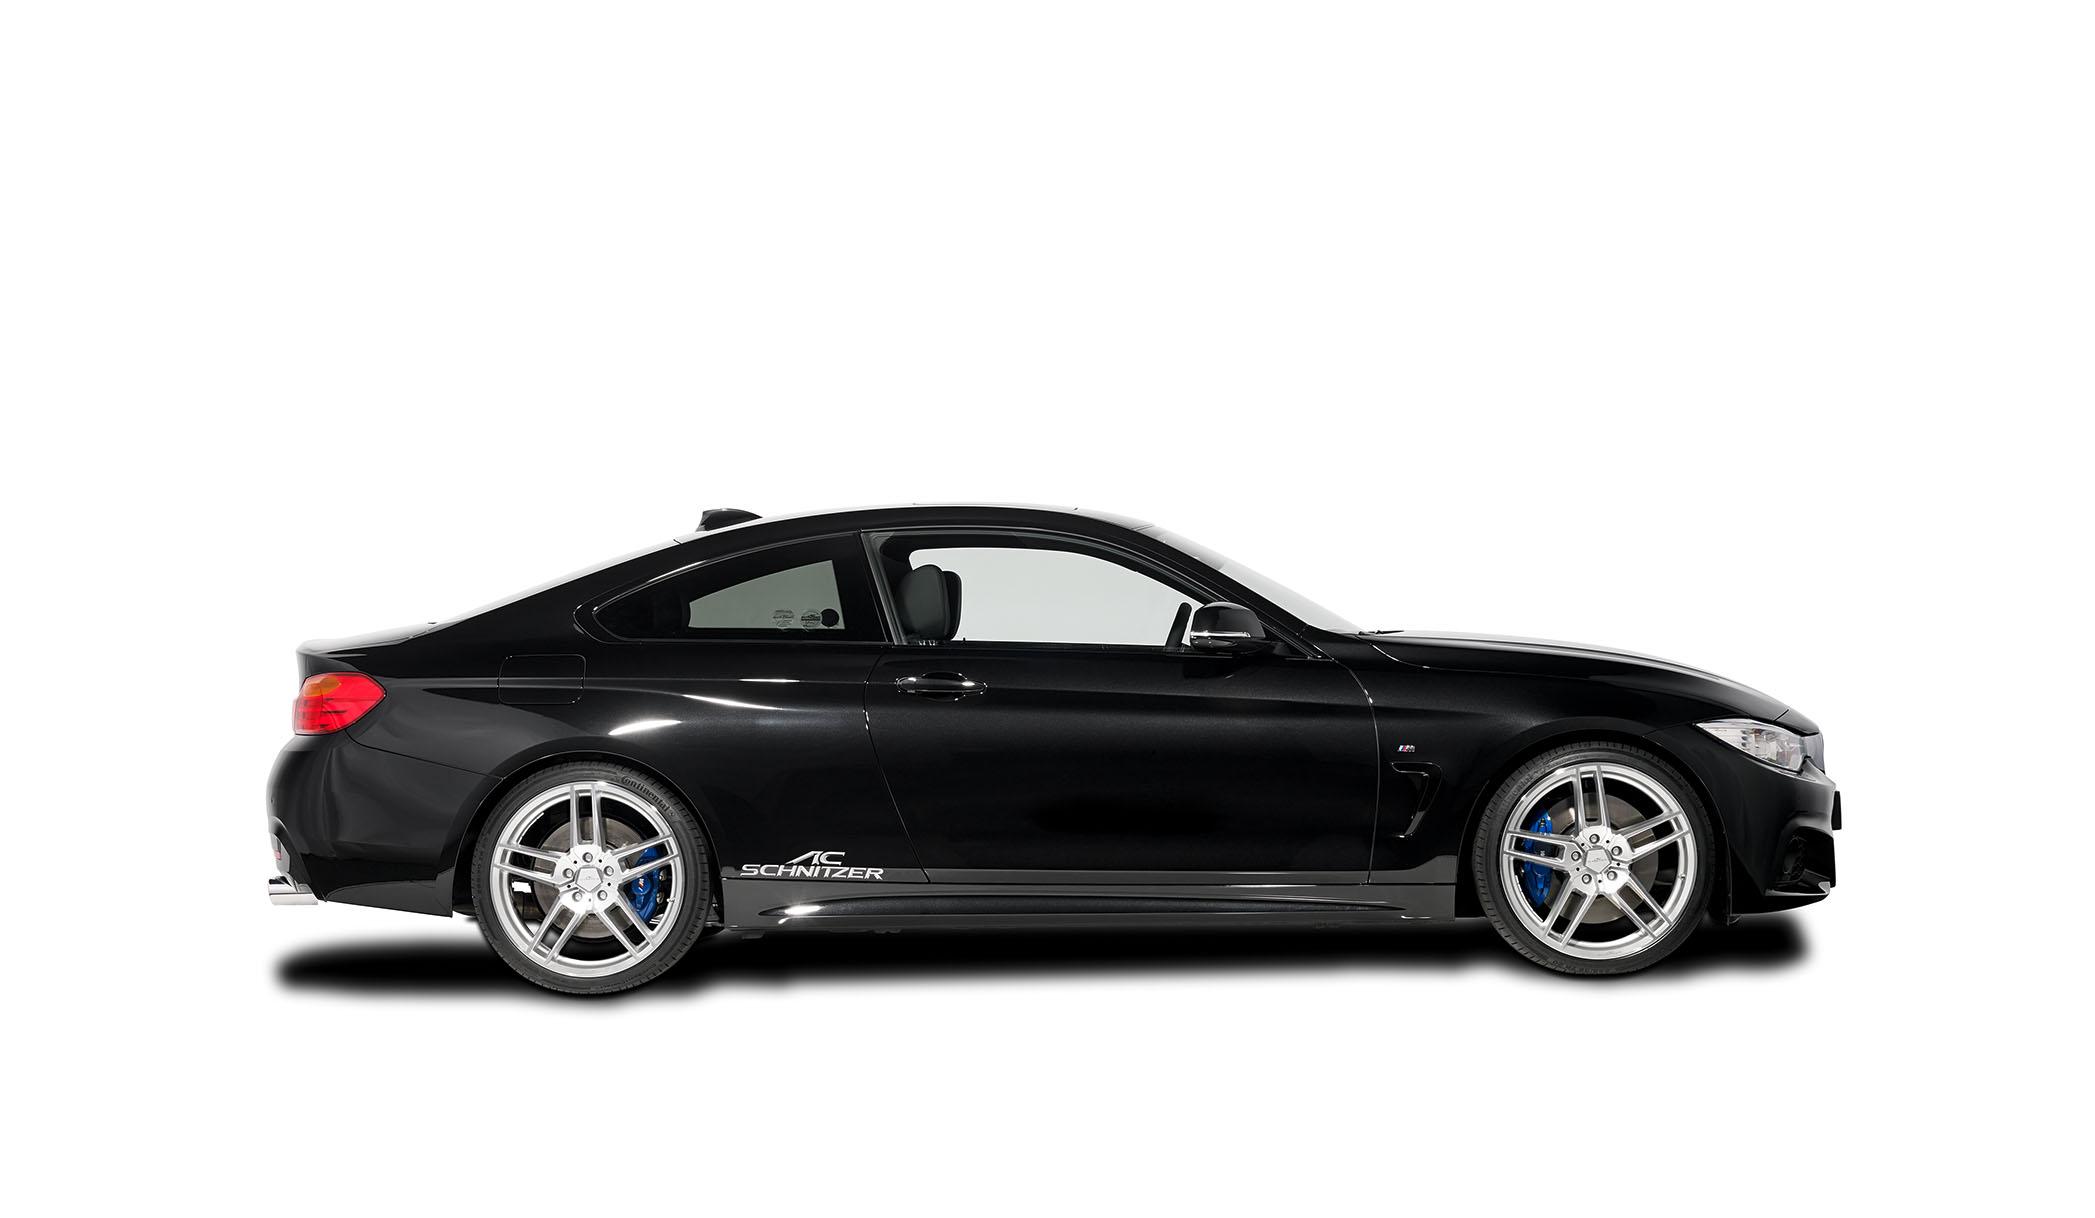 BMW_4er_Coupe_Tuning_Königsklasse_AC_Schnitzer_3